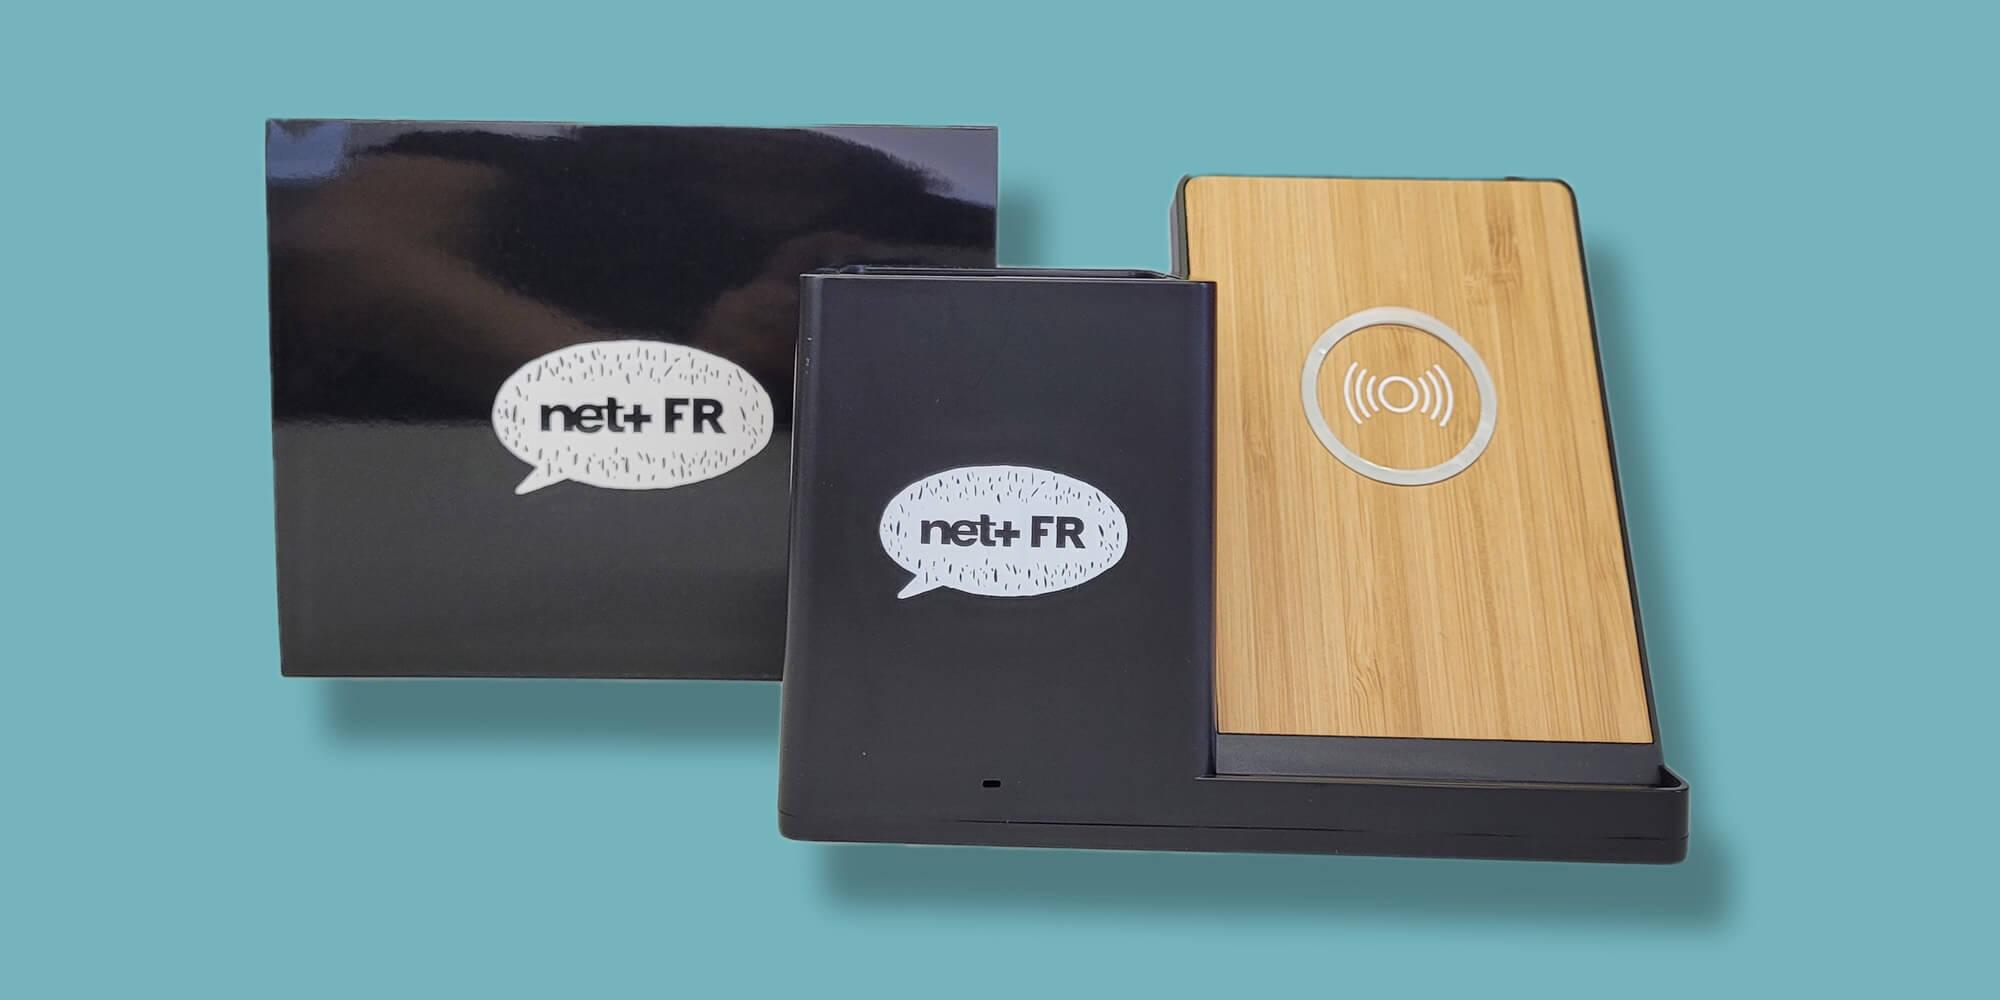 Netplus - porte crayon induction personnalisé